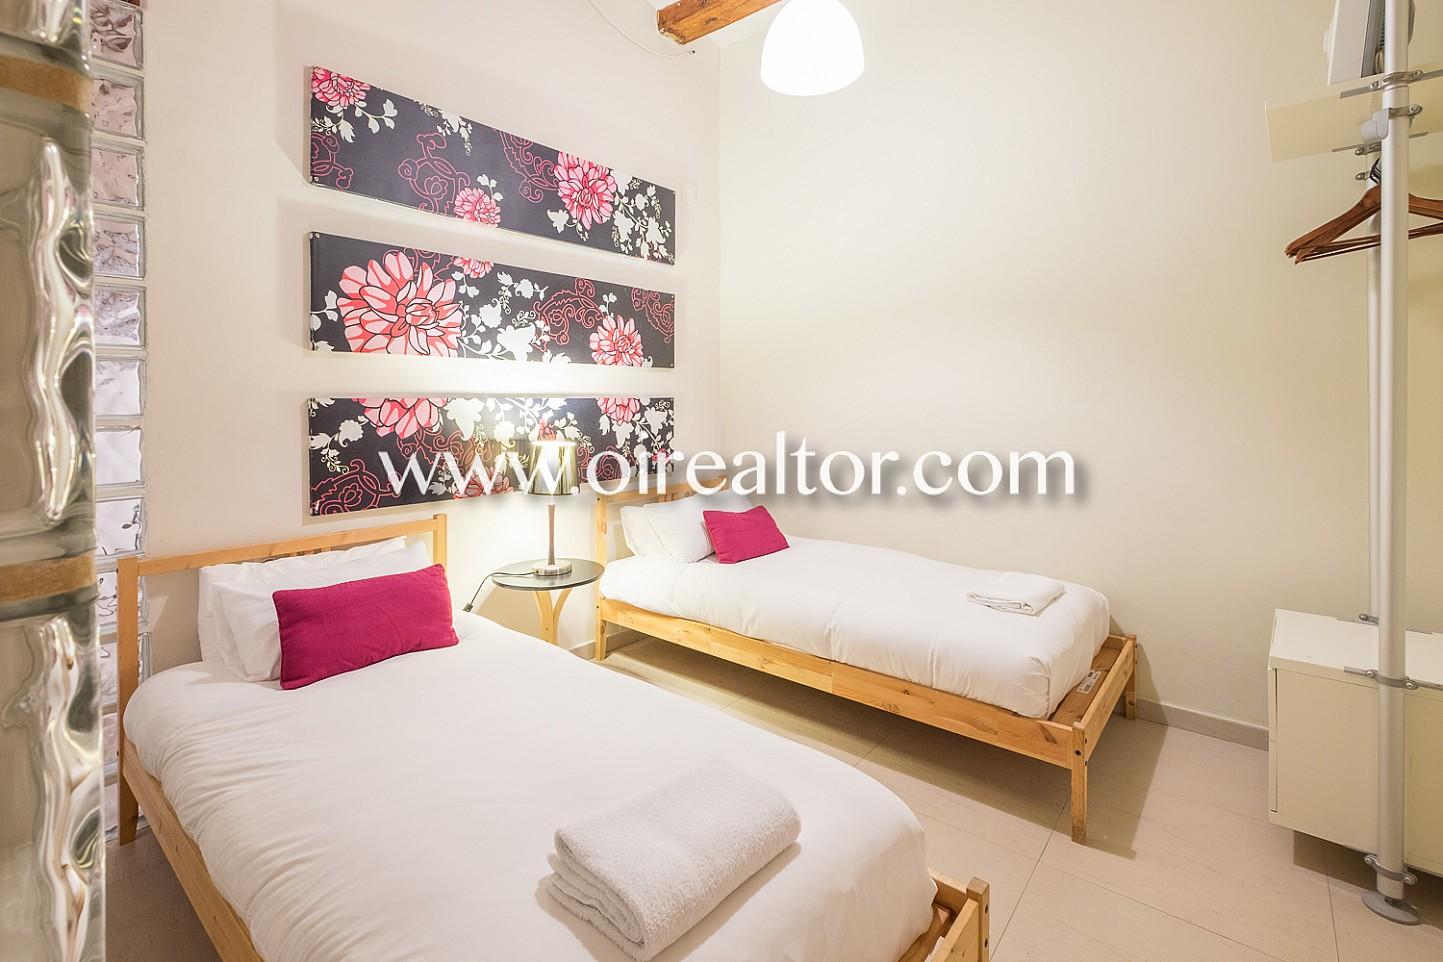 habitación doble, dormitorio amplio, dormitorio doble, dormitorio, habitación de diseño, habitación exterior